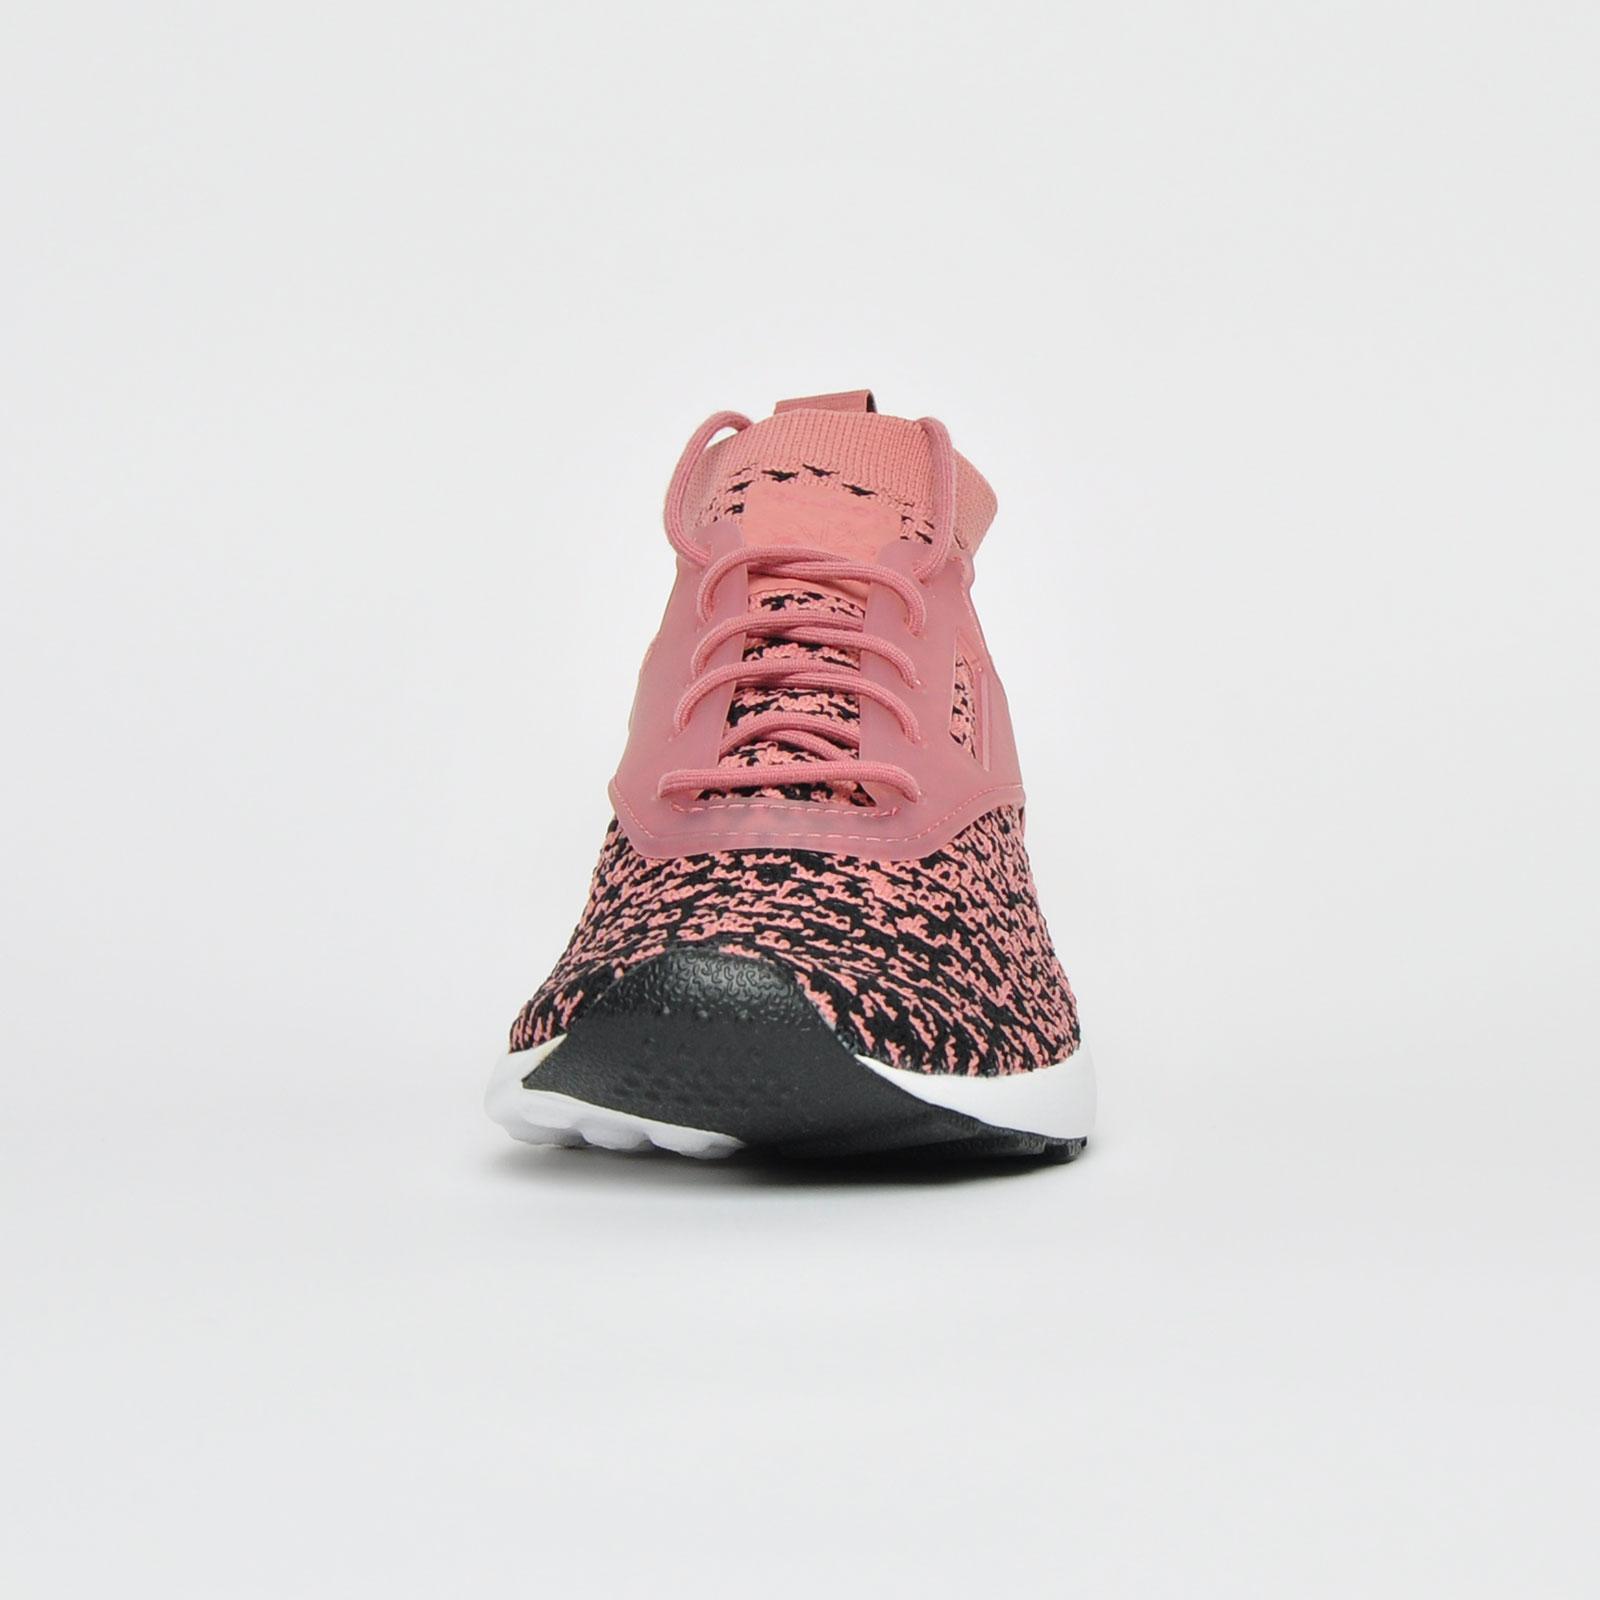 Reebok ZOKU Runner Ultraknit Womens Running Shoes Gym Trainers